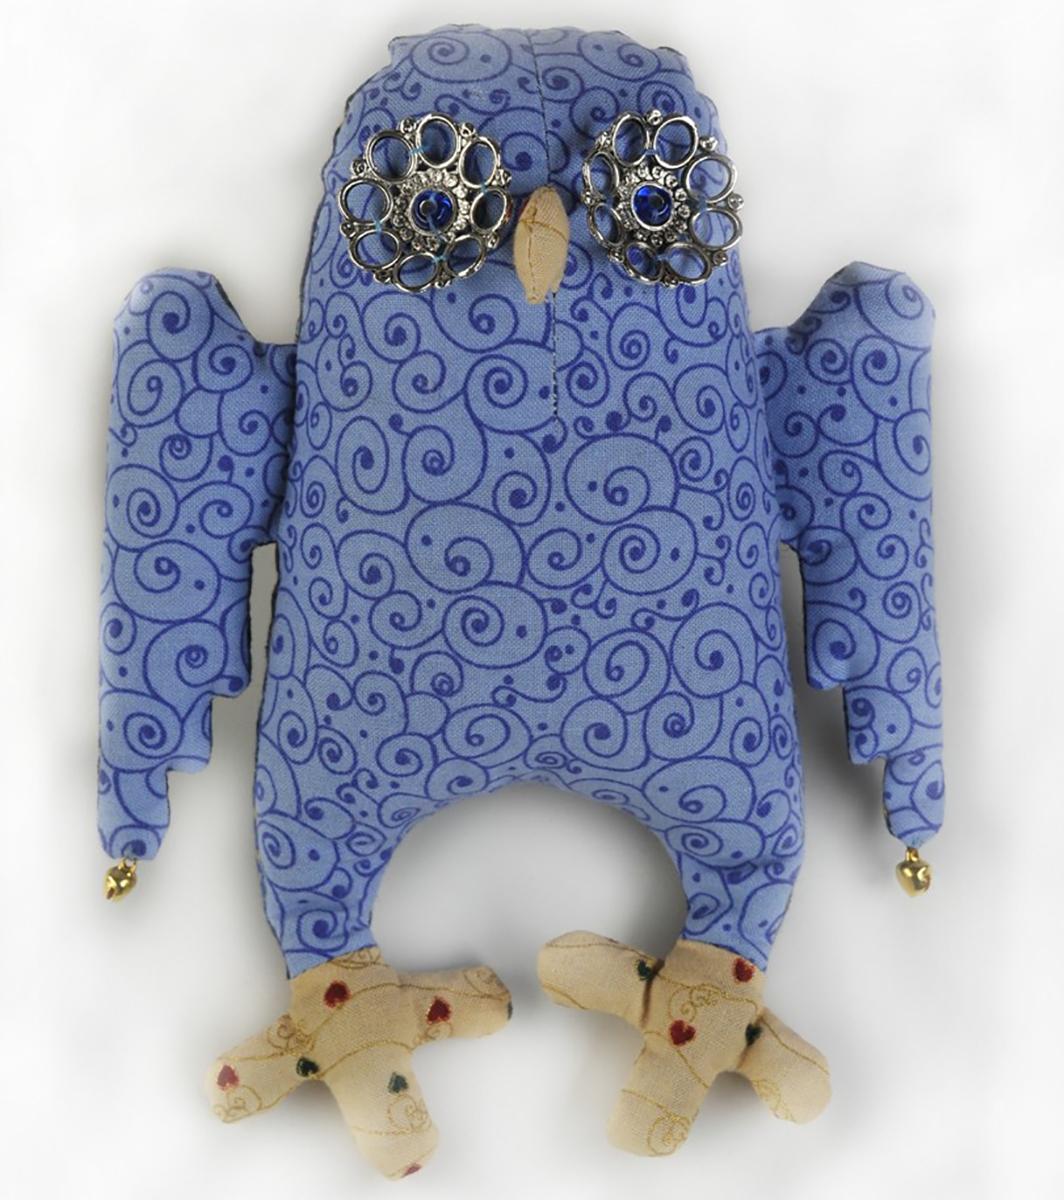 Набор для создания игрушки Перловка Сова-АнгелПА301Состав: натуральный плотный хлопок пр-во США, нитки для вышивания и декорирования, бубенчики, металлические аксессуары, бисер (в зависимости от комплектации персонажа), листы с выкройками персонажа, подробная инструкция по изготовлению куклы. Дополнительно вам понадобится 50-150 гр перловой крупы, синтепон или синтепух.